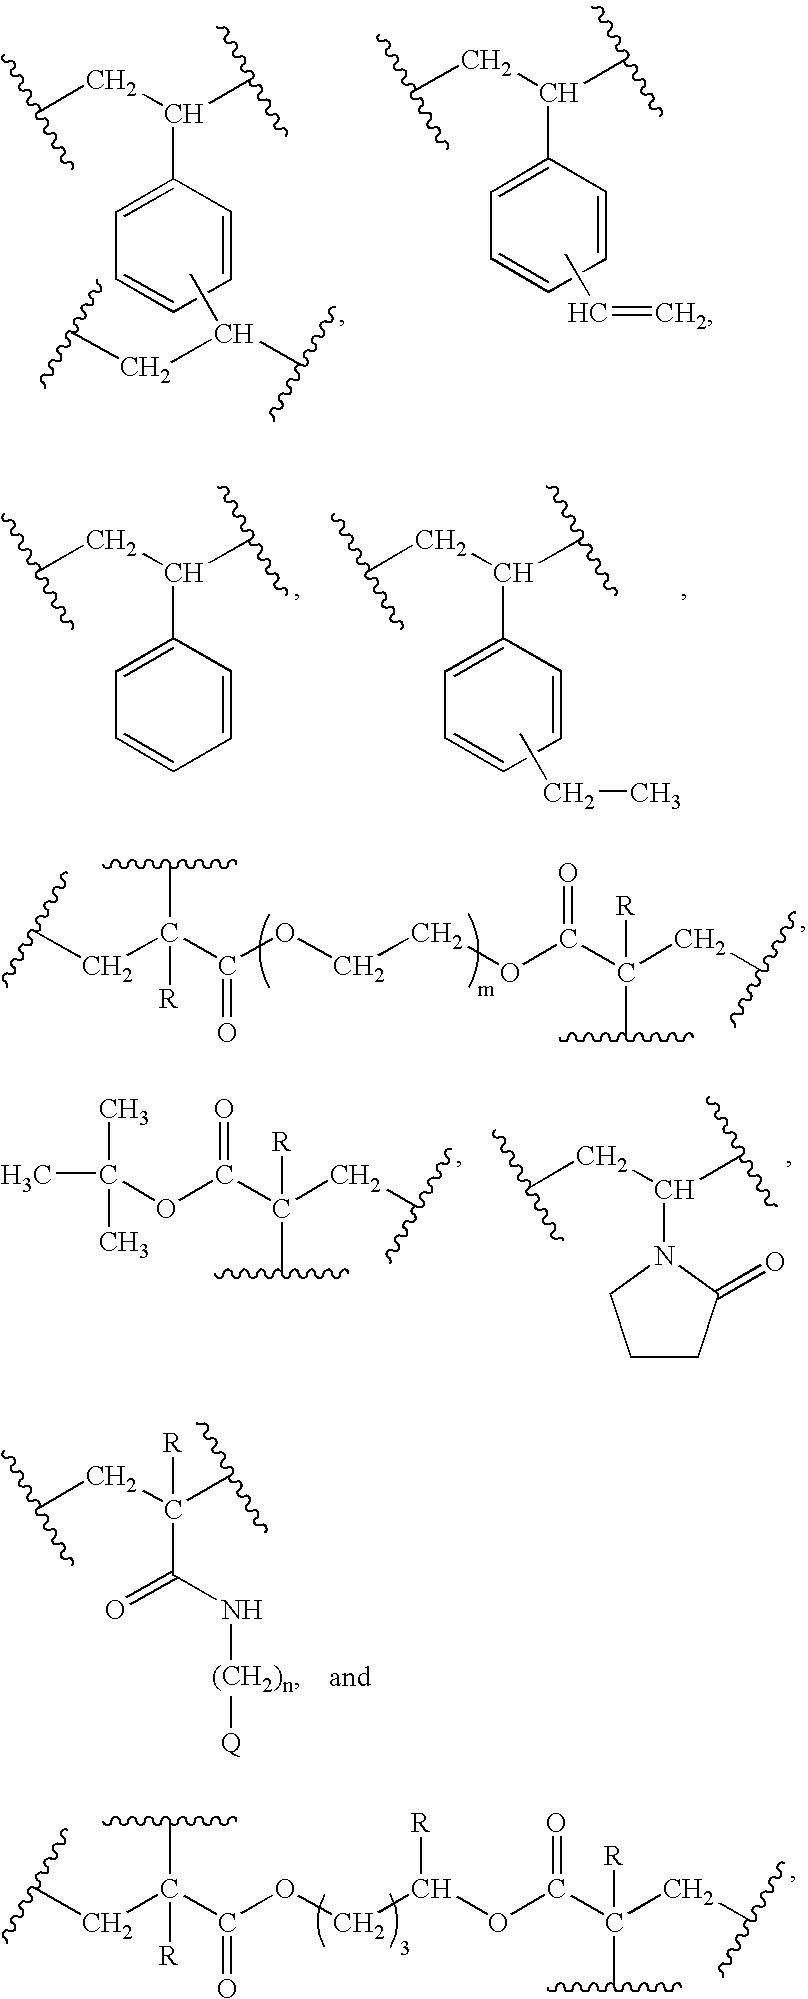 Figure US20050230298A1-20051020-C00006